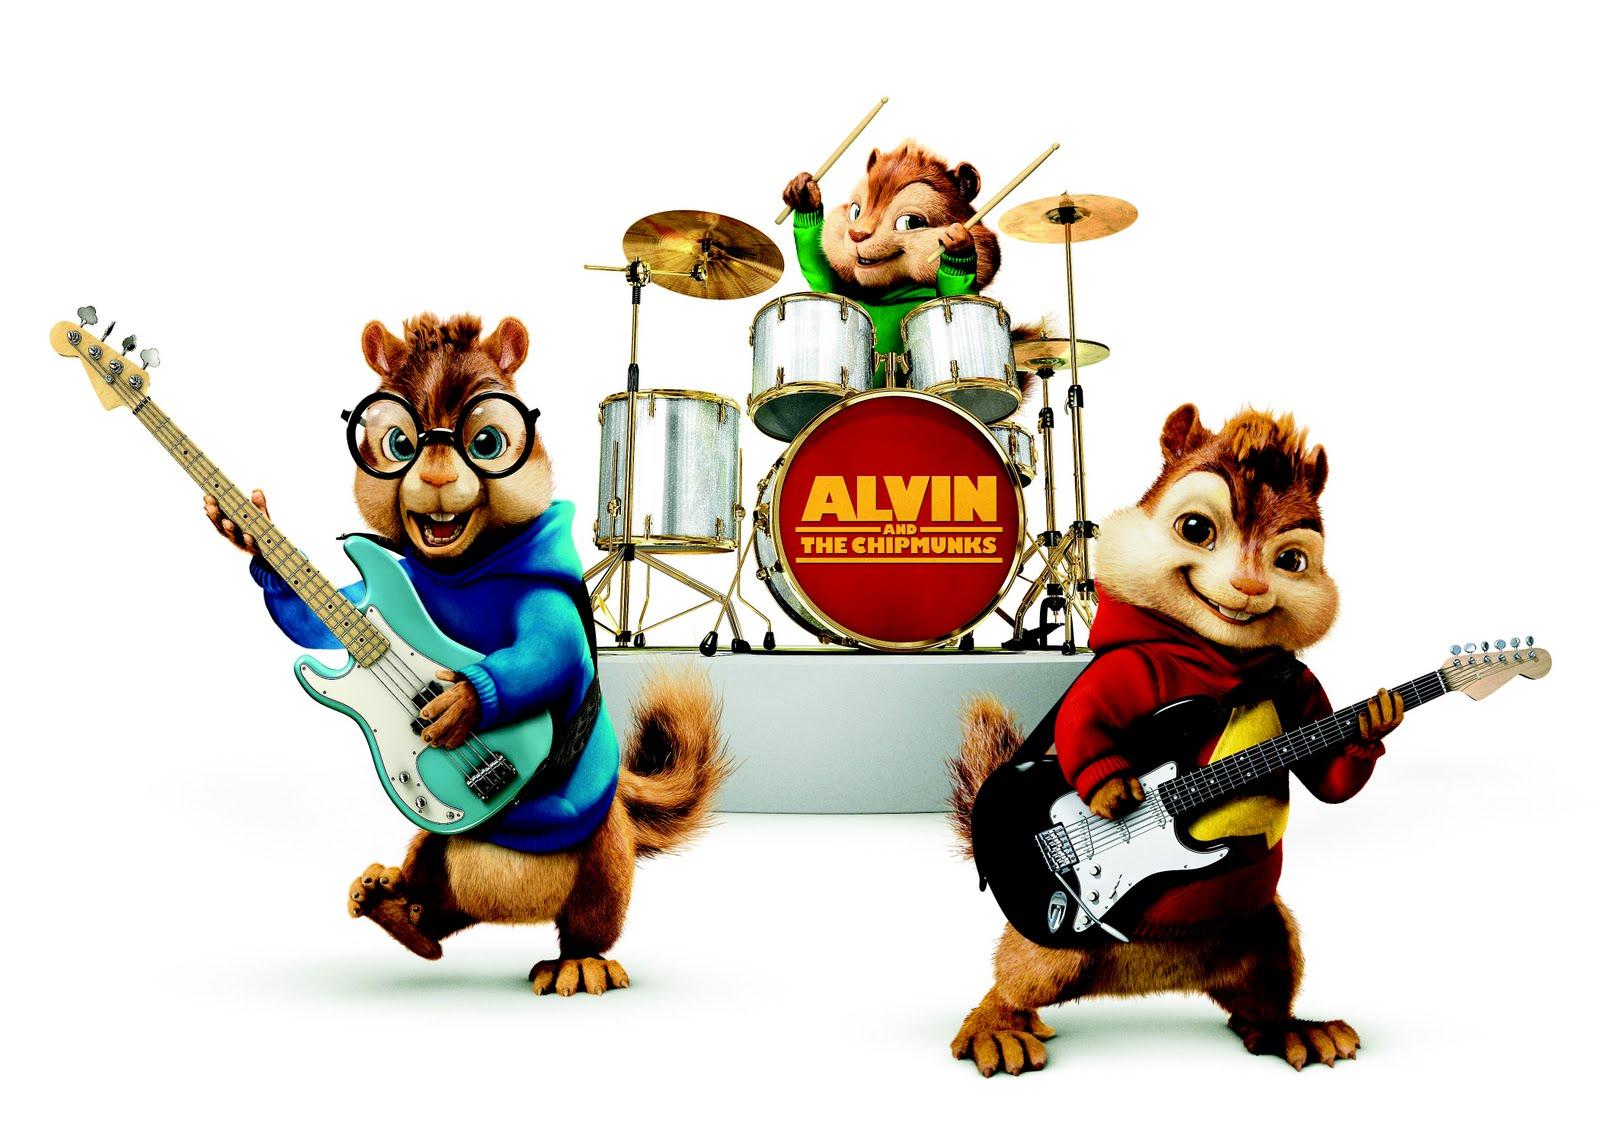 Buy Alvin and the Chipmunks: The Squeakquel + Bonus